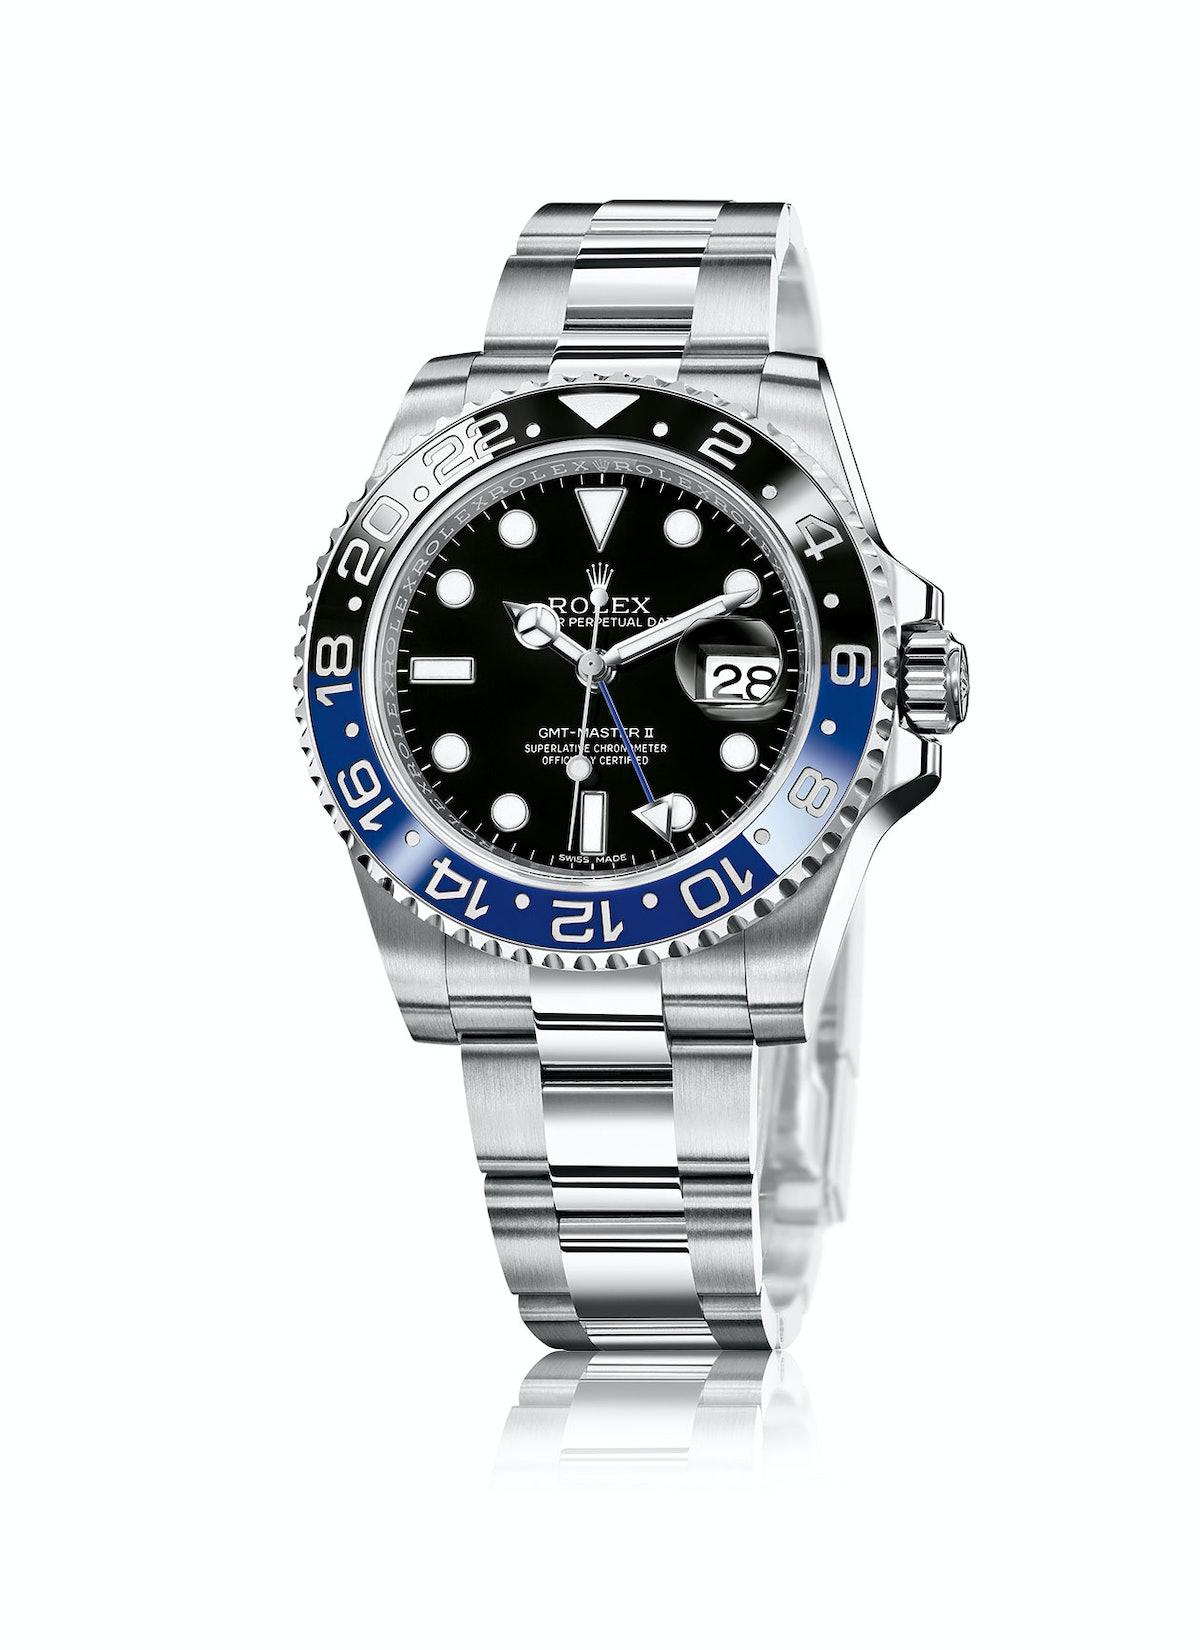 Rolex stainless steel watch, $8,950, rolex.com.